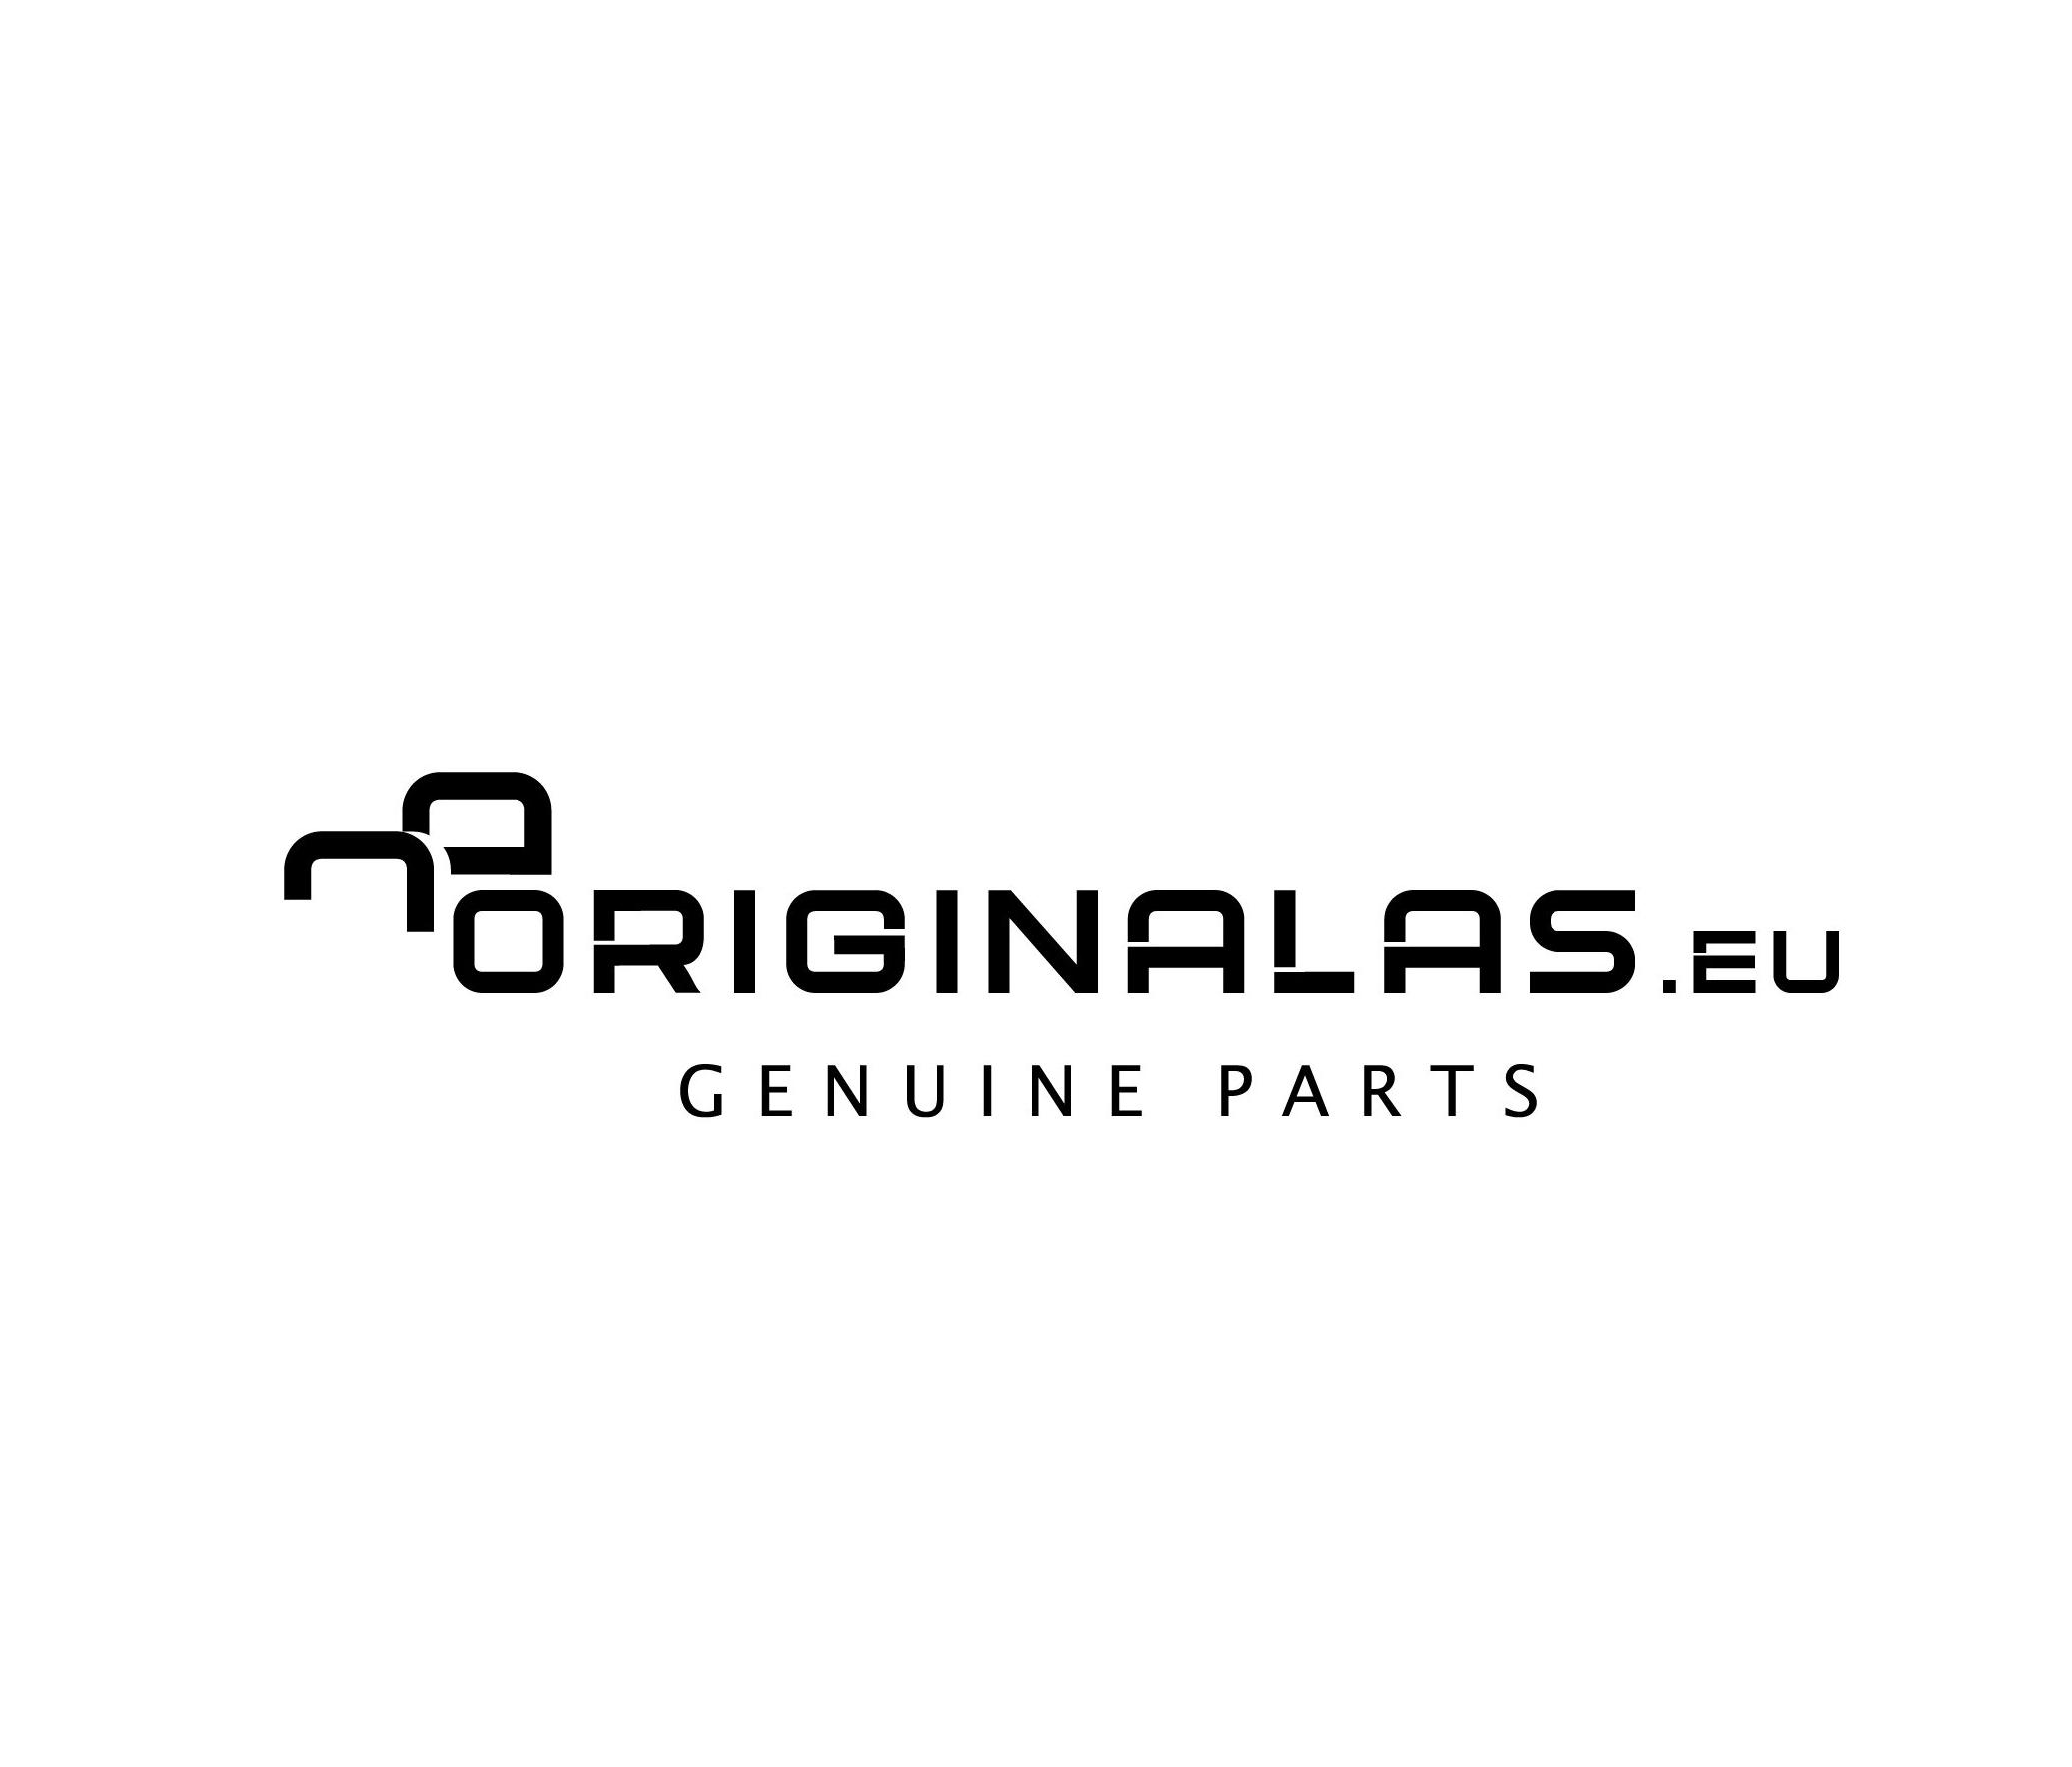 or/originaluseu-2021-logotipas_300dpi-03-3-1.jpg